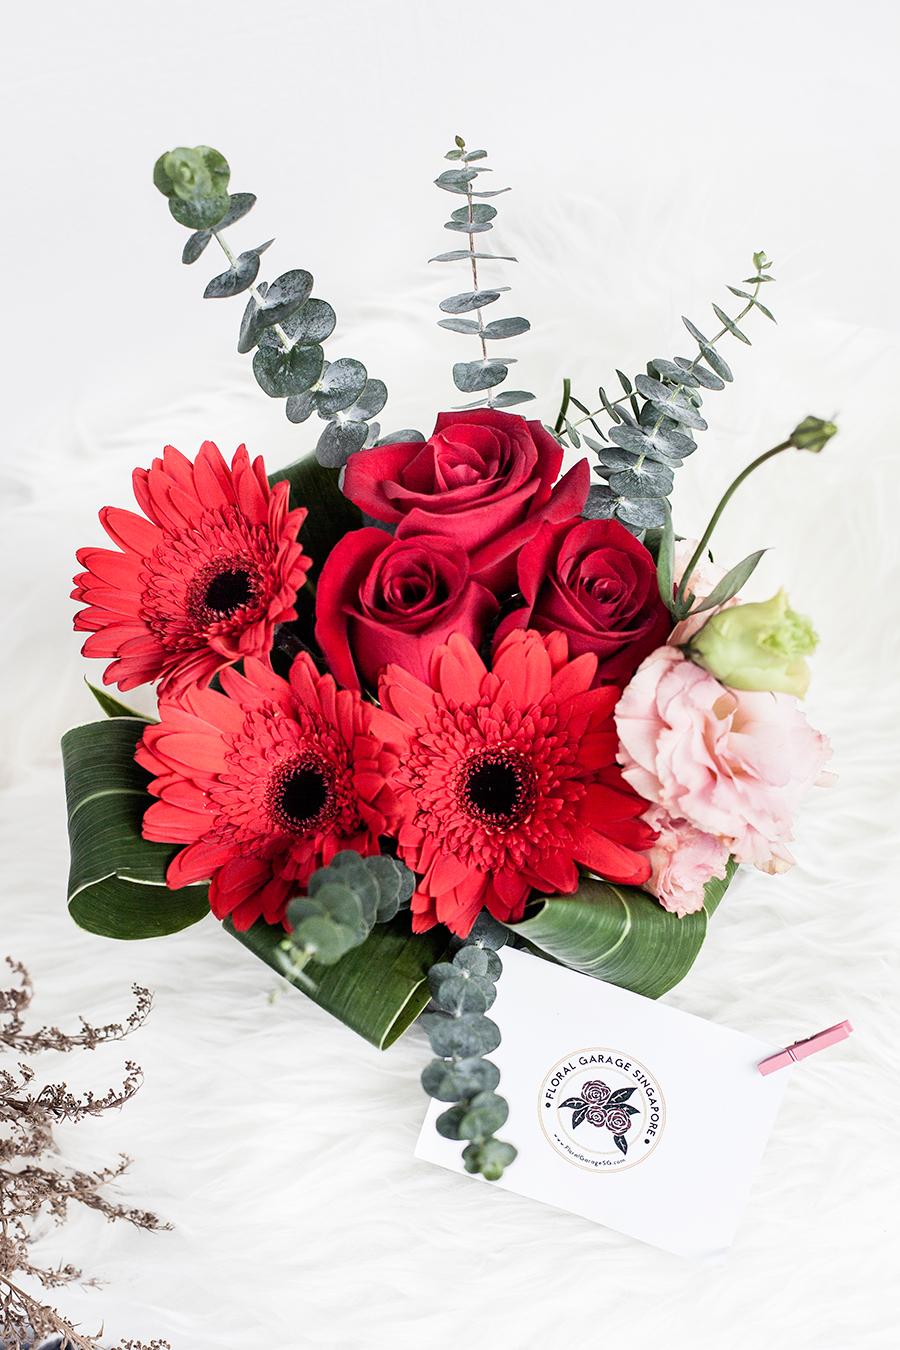 Floral arrangement from the Floral Garage SG Fruit Hamper.